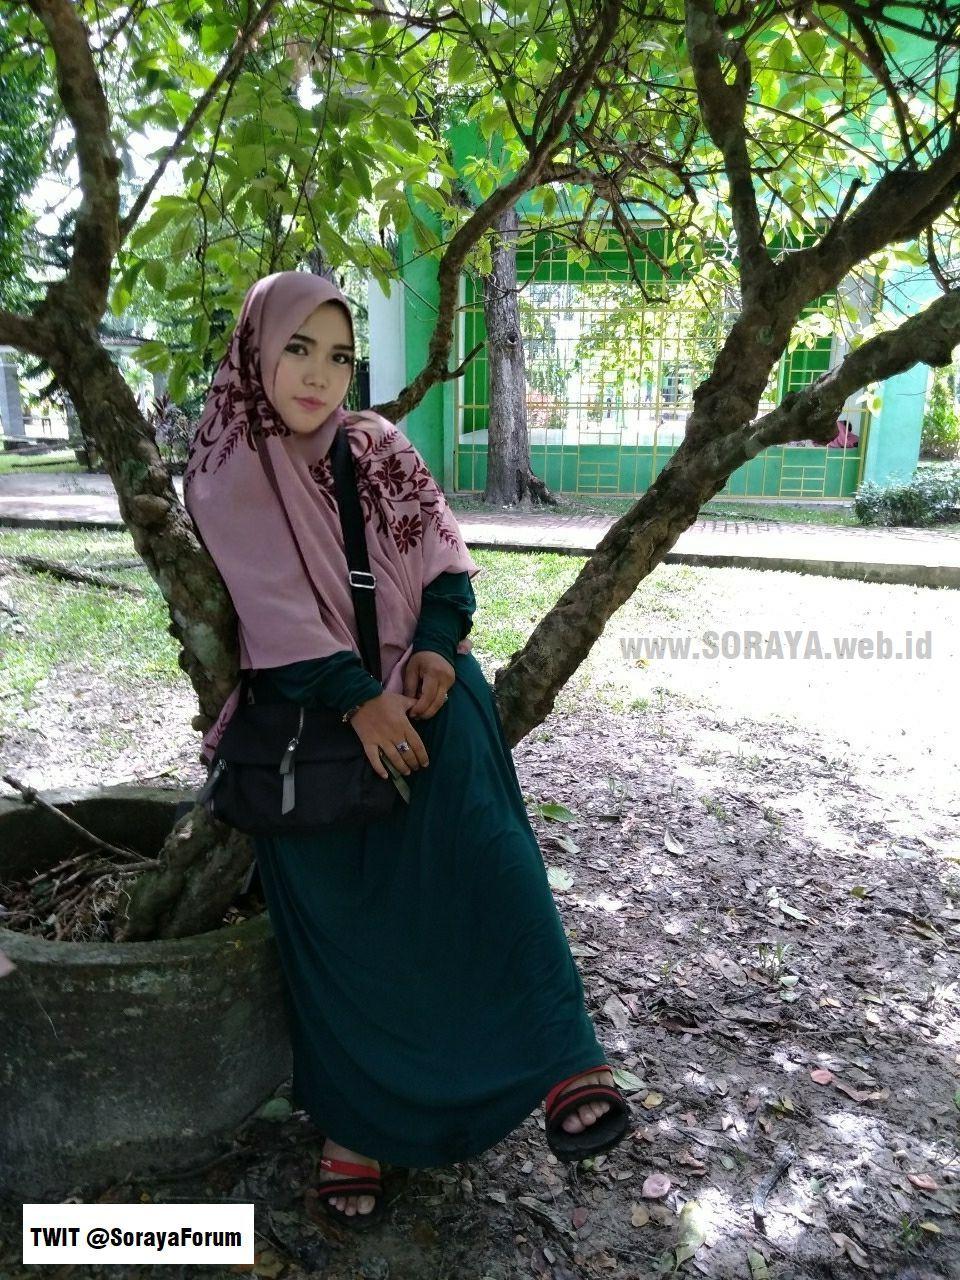 photo soraya wanita berjilbab duduk sendiri di dahan pohon